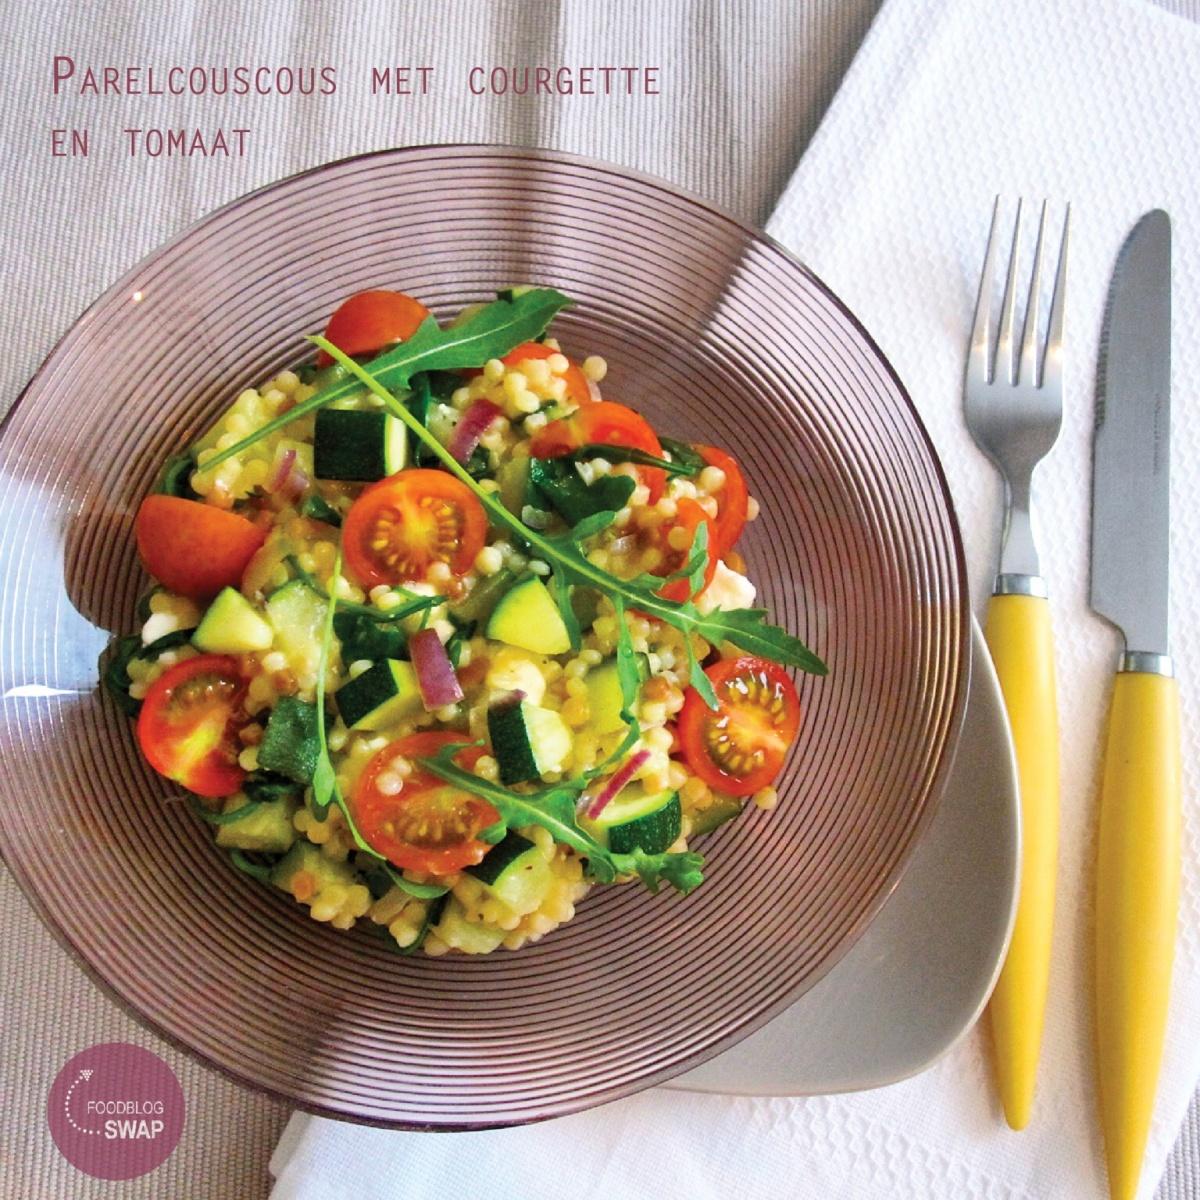 Foodblogswap: Parelcouscous met courgette en tomaat